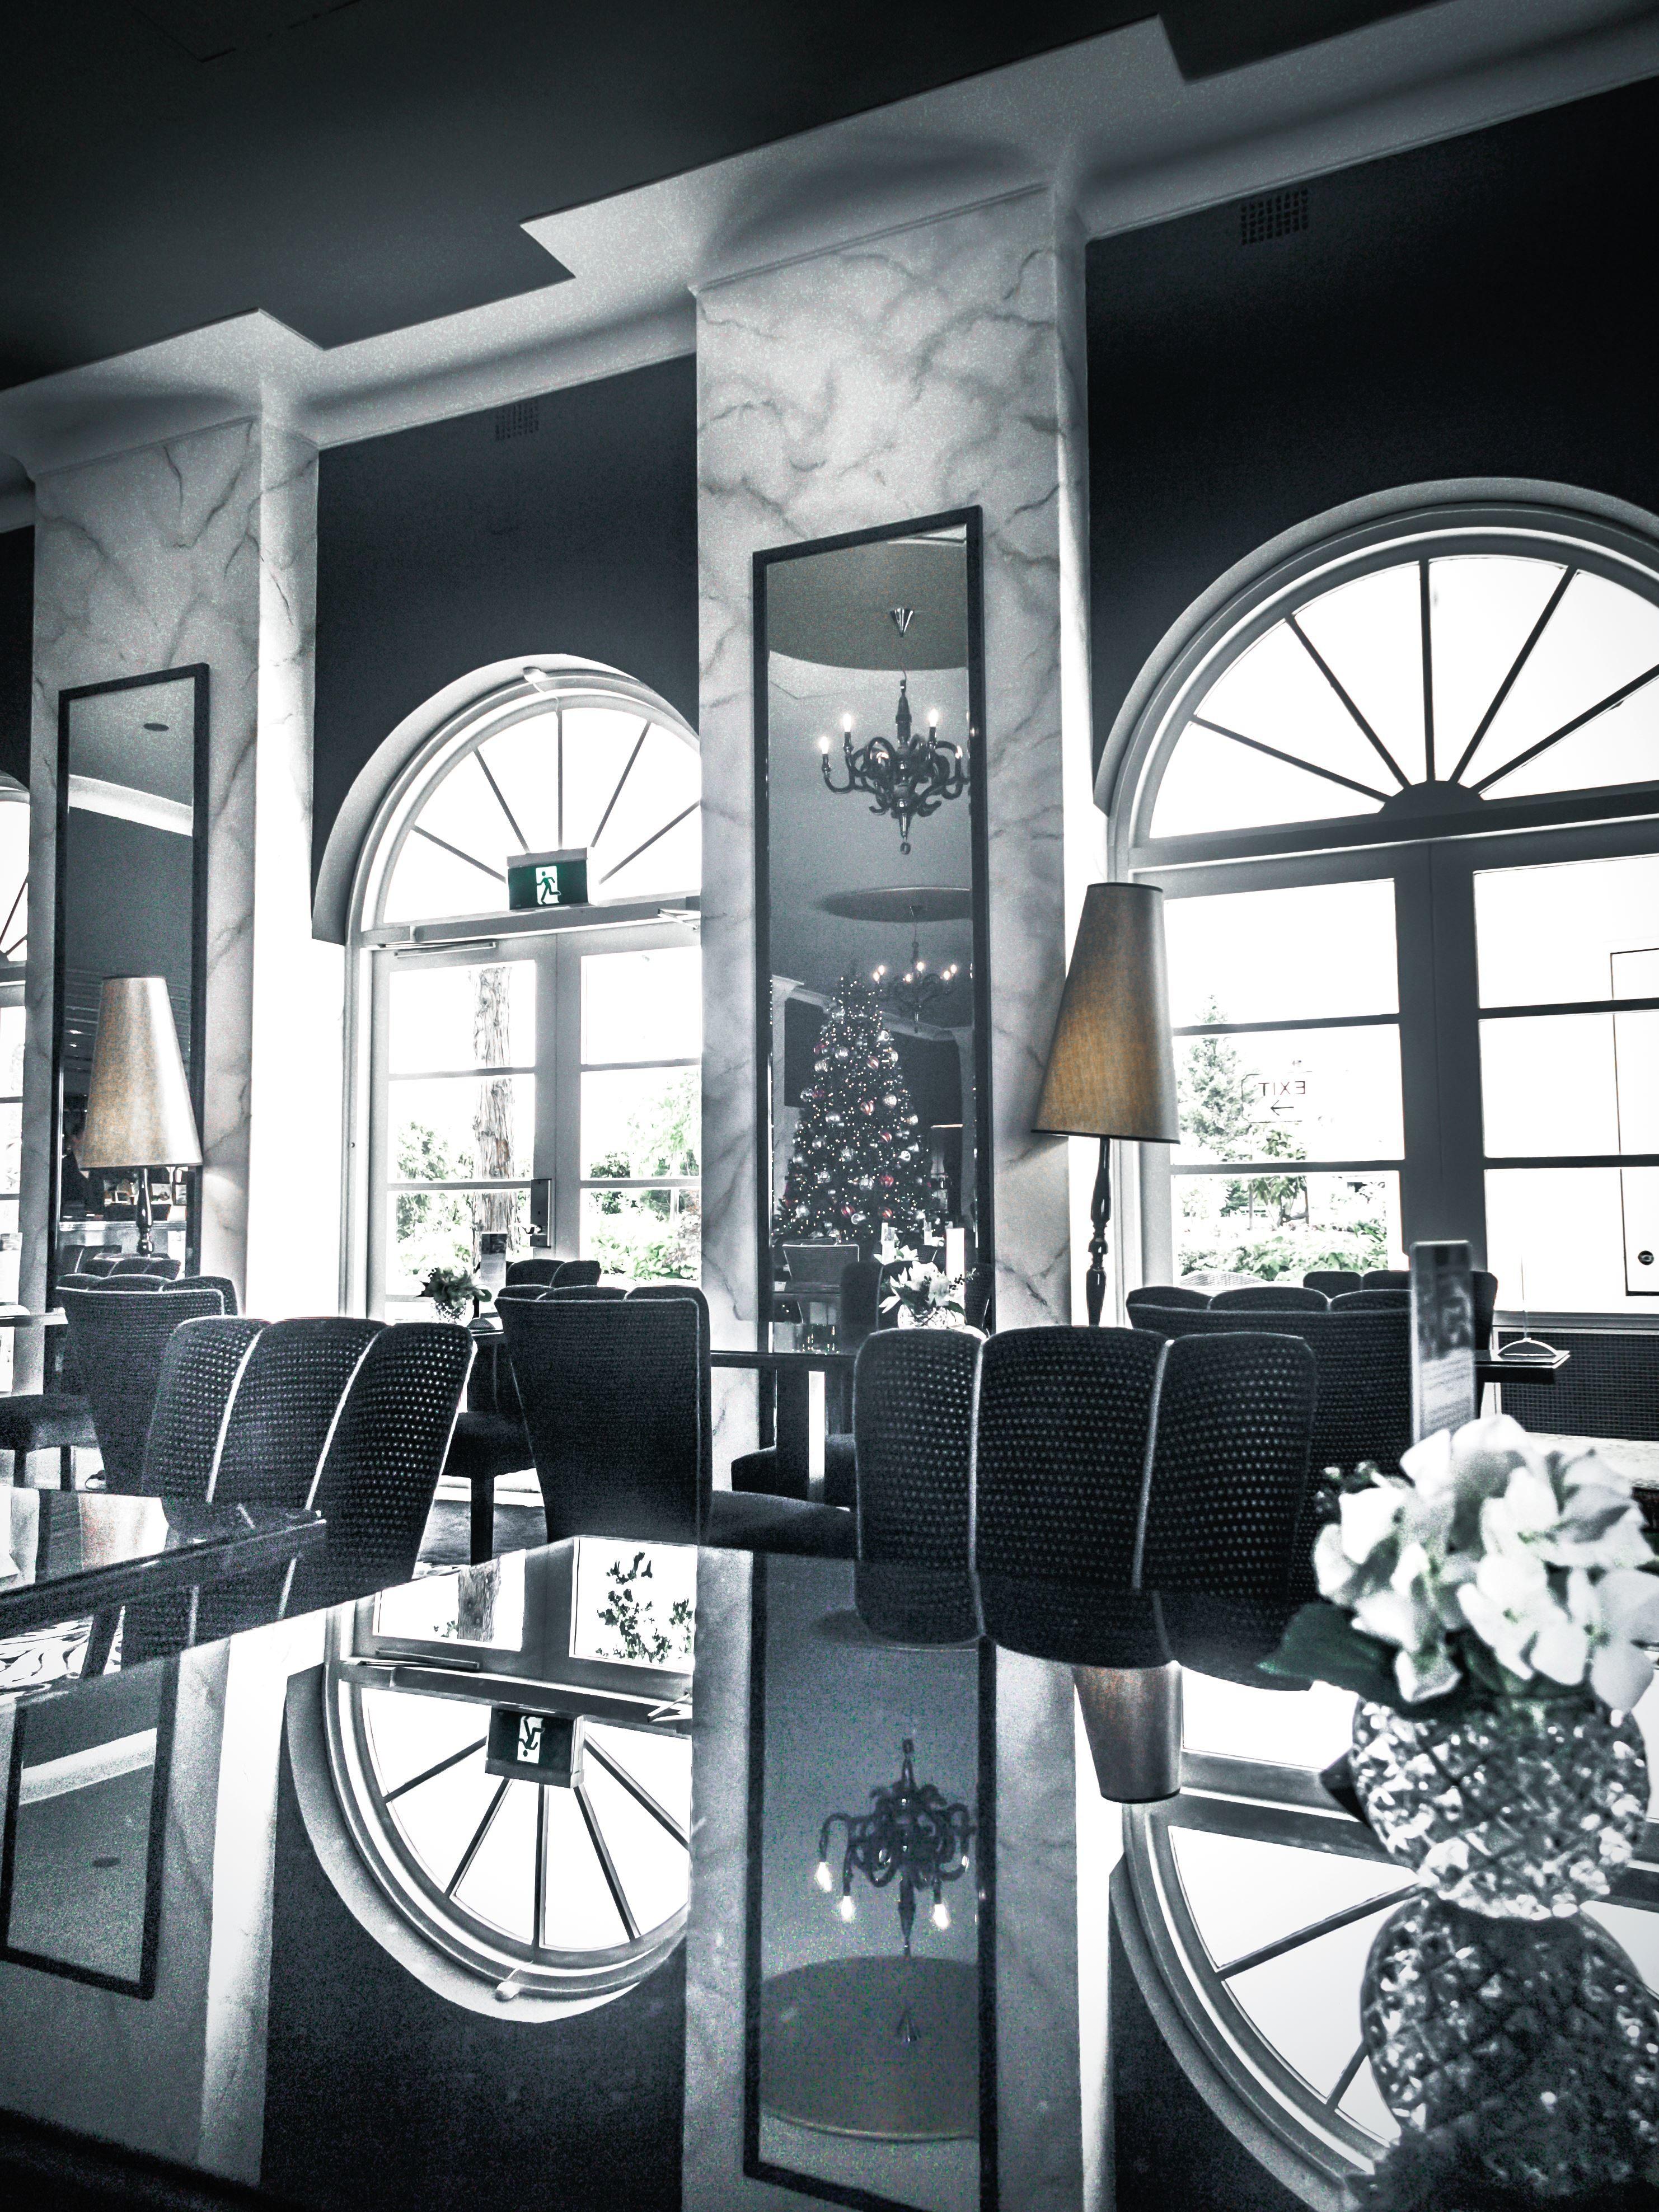 Kostenlose bild architektur st hle lampen reflexion for Fenster lampen